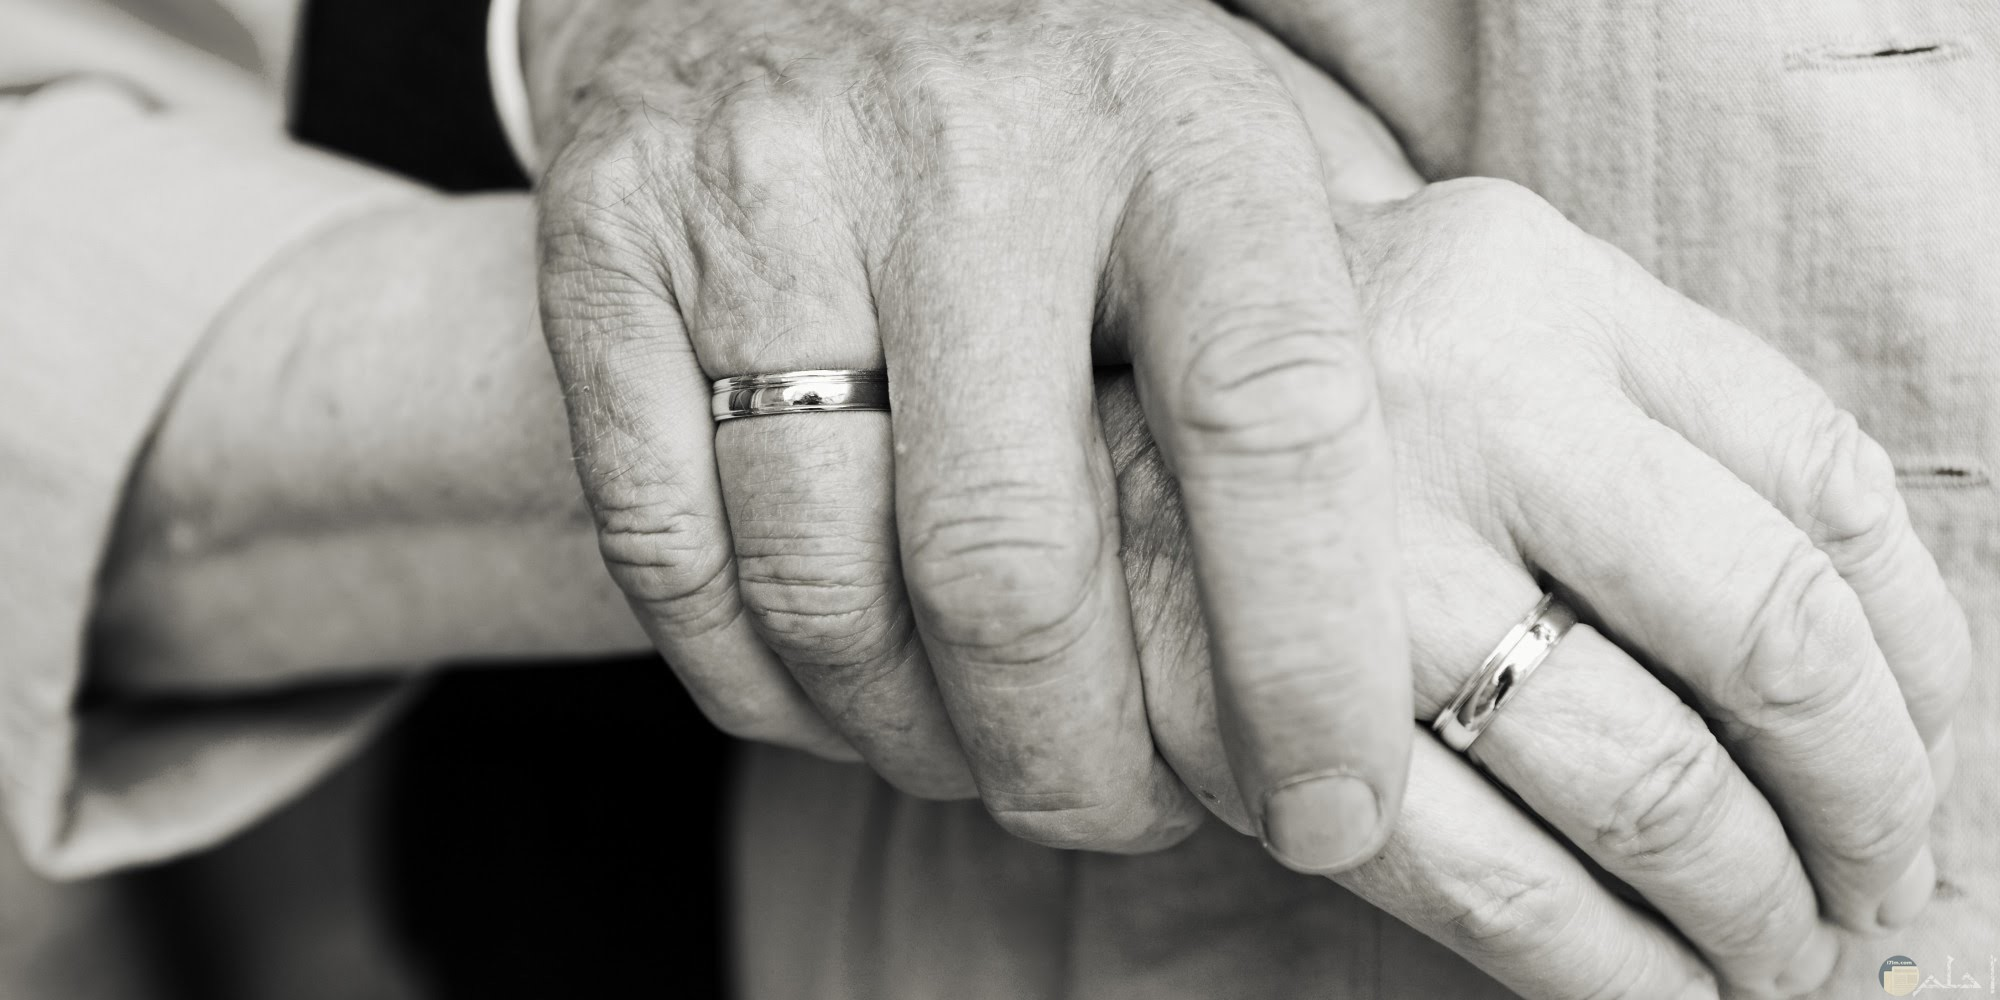 رمزية معبرة عن الحب و الوفاء و الاخلاص الحقيقي.